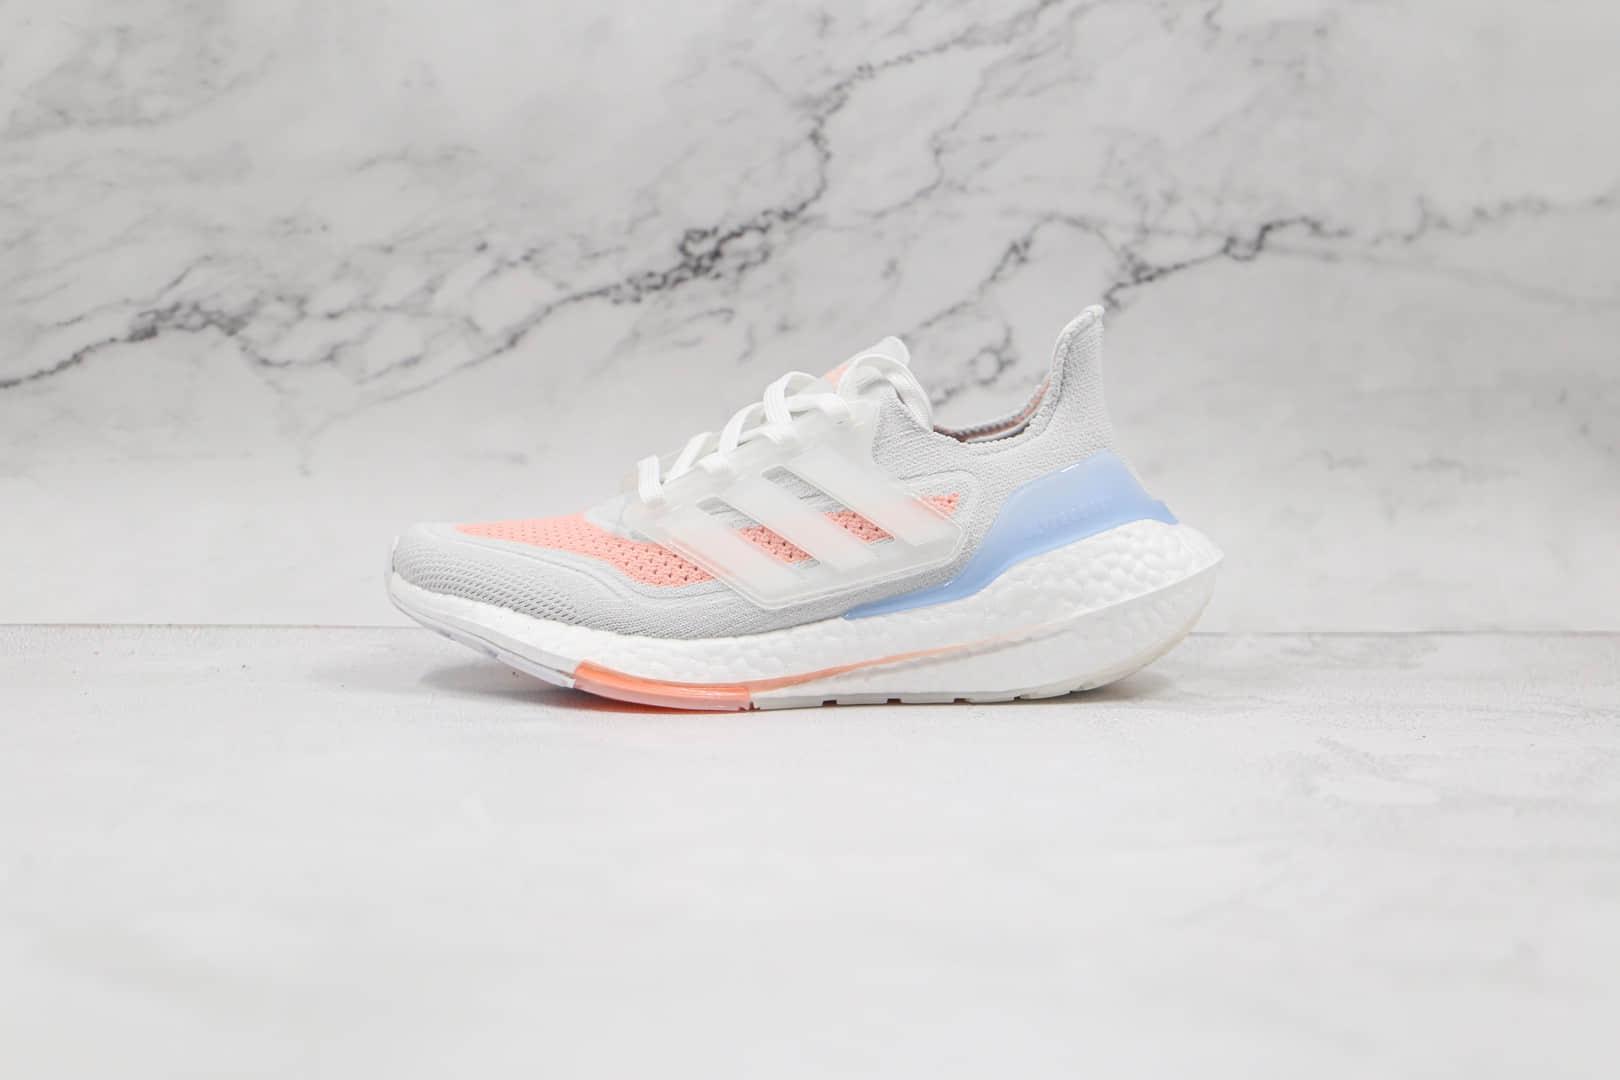 阿迪达斯adidas ultra boost 2021纯原版本爆米花UB7.0白蓝橙色跑鞋原档案数据开发 货号:FY0396